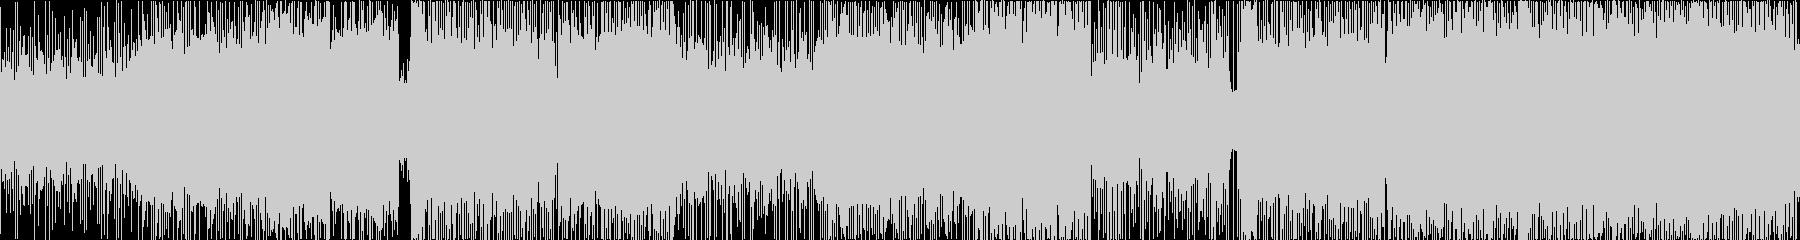 三味線生演奏、和風エレクトロ、Lの未再生の波形